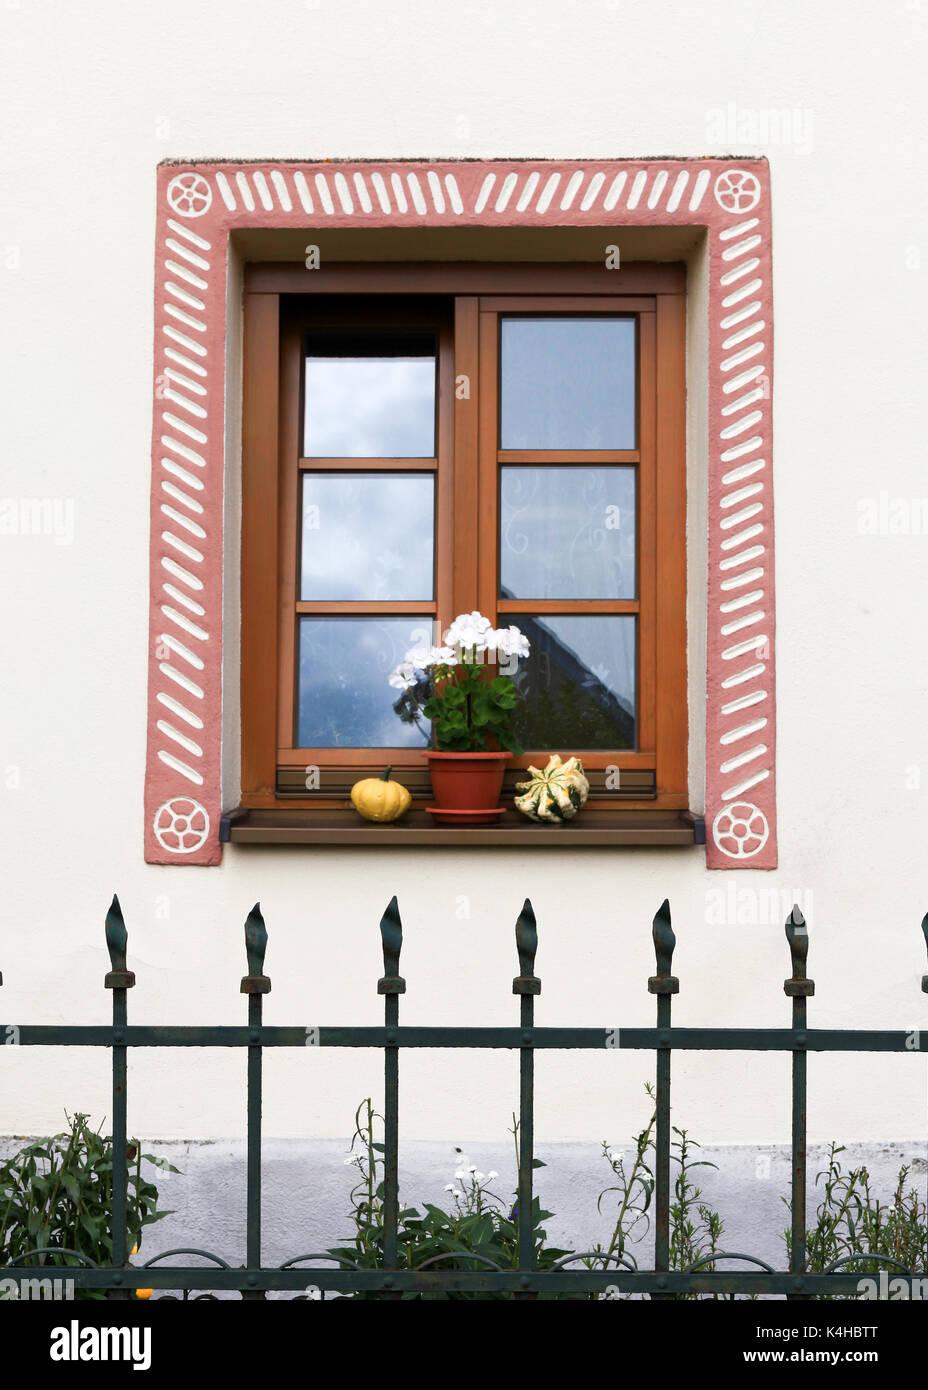 Schones Landhaus Fenster Mit Blumen Stockfoto Bild 157734440 Alamy